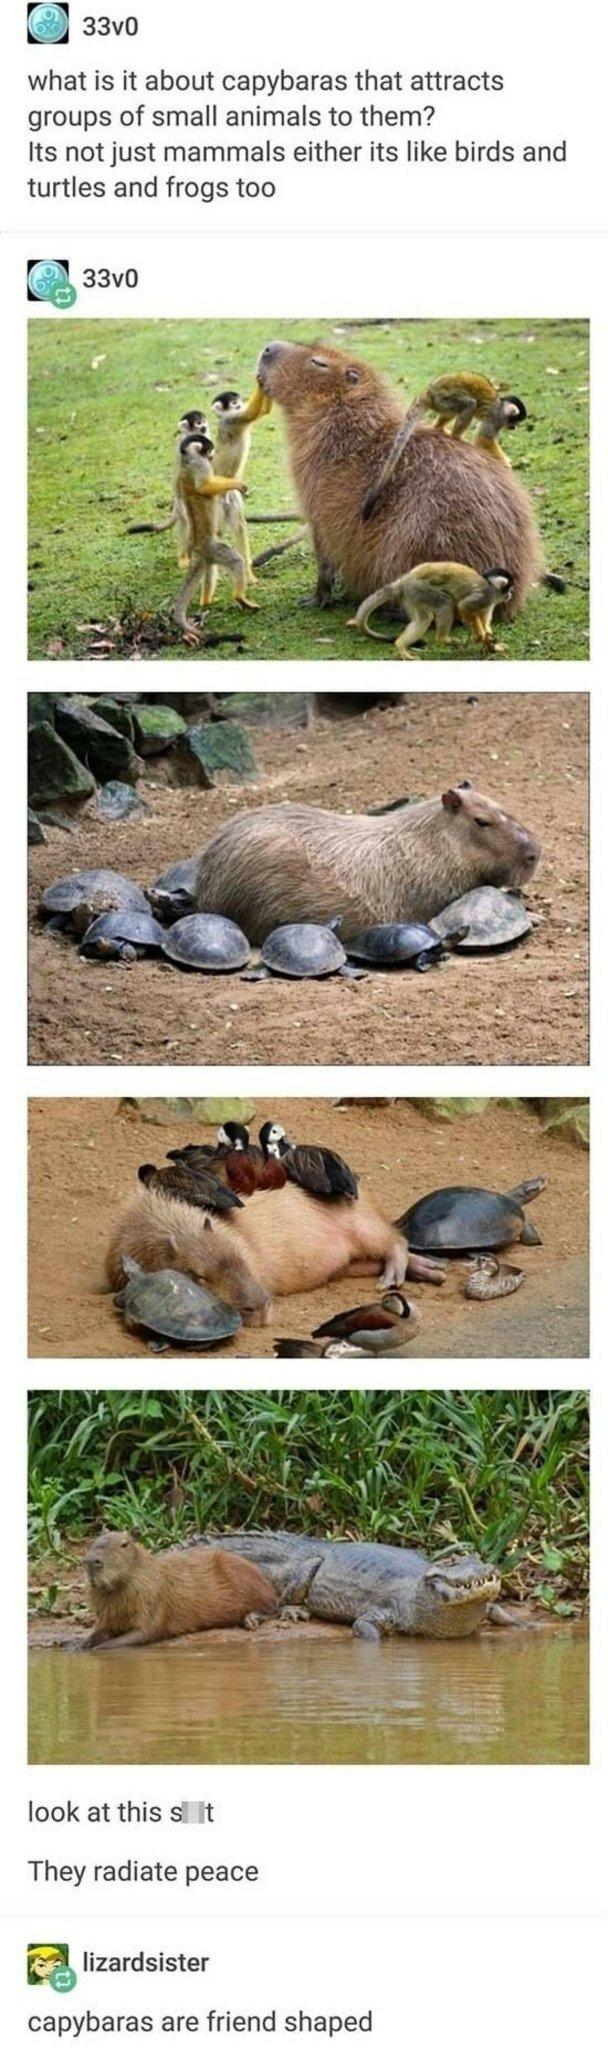 Capybara - meme